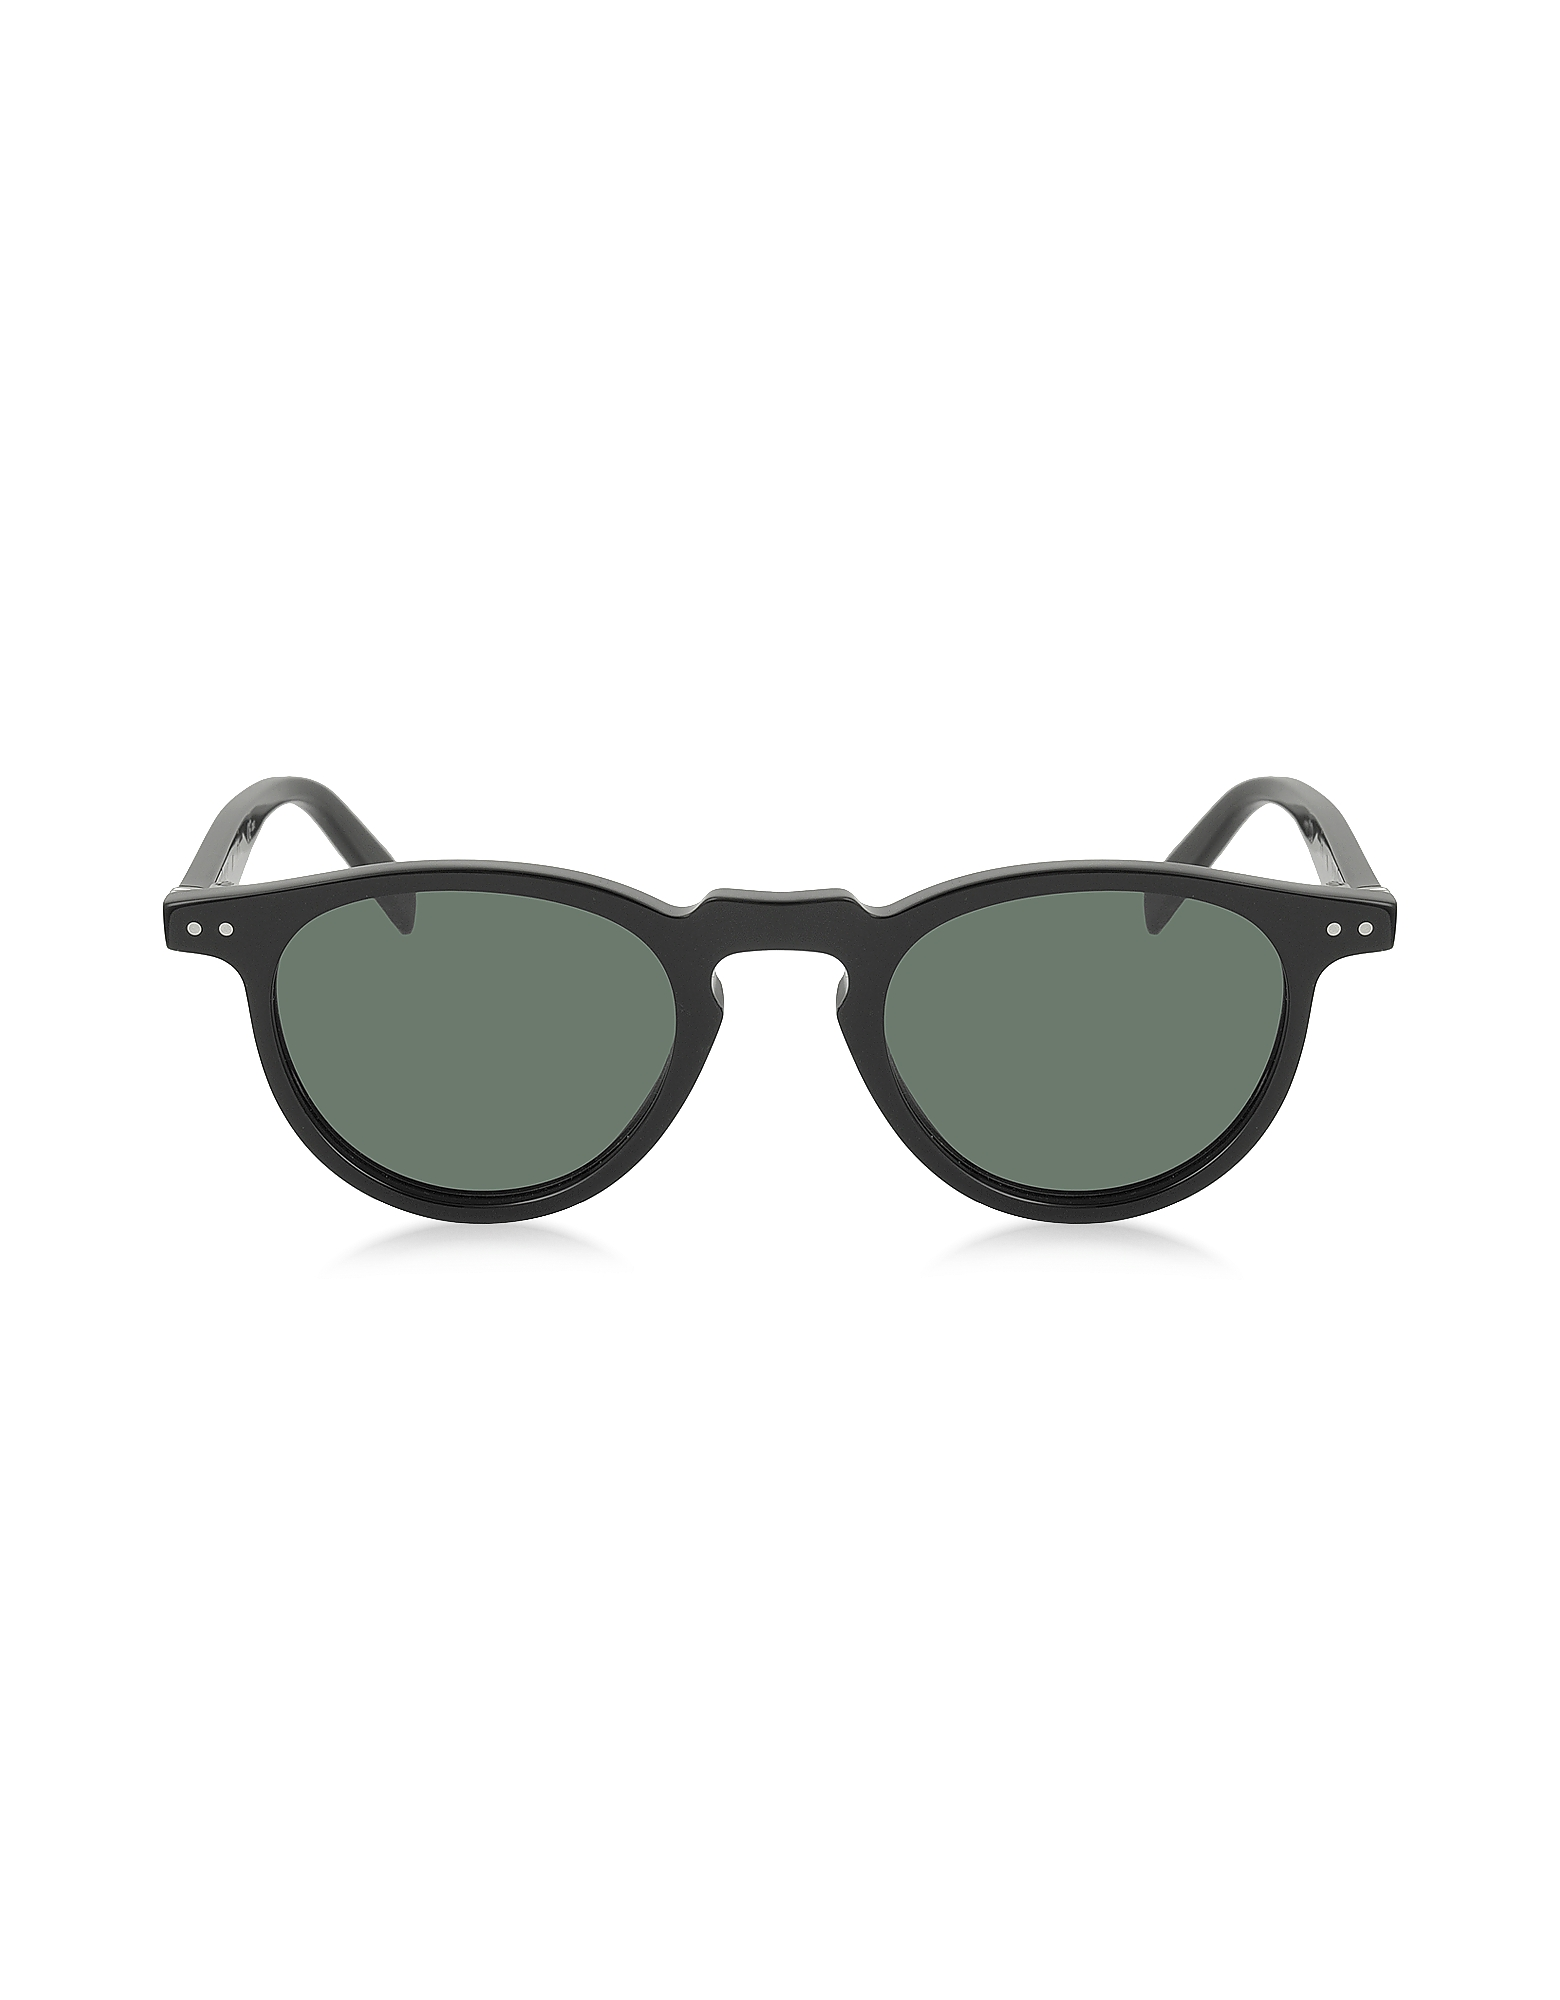 CHARLINE CL 41401/S - Круглые Женские Солнечные Очки из Ацетата